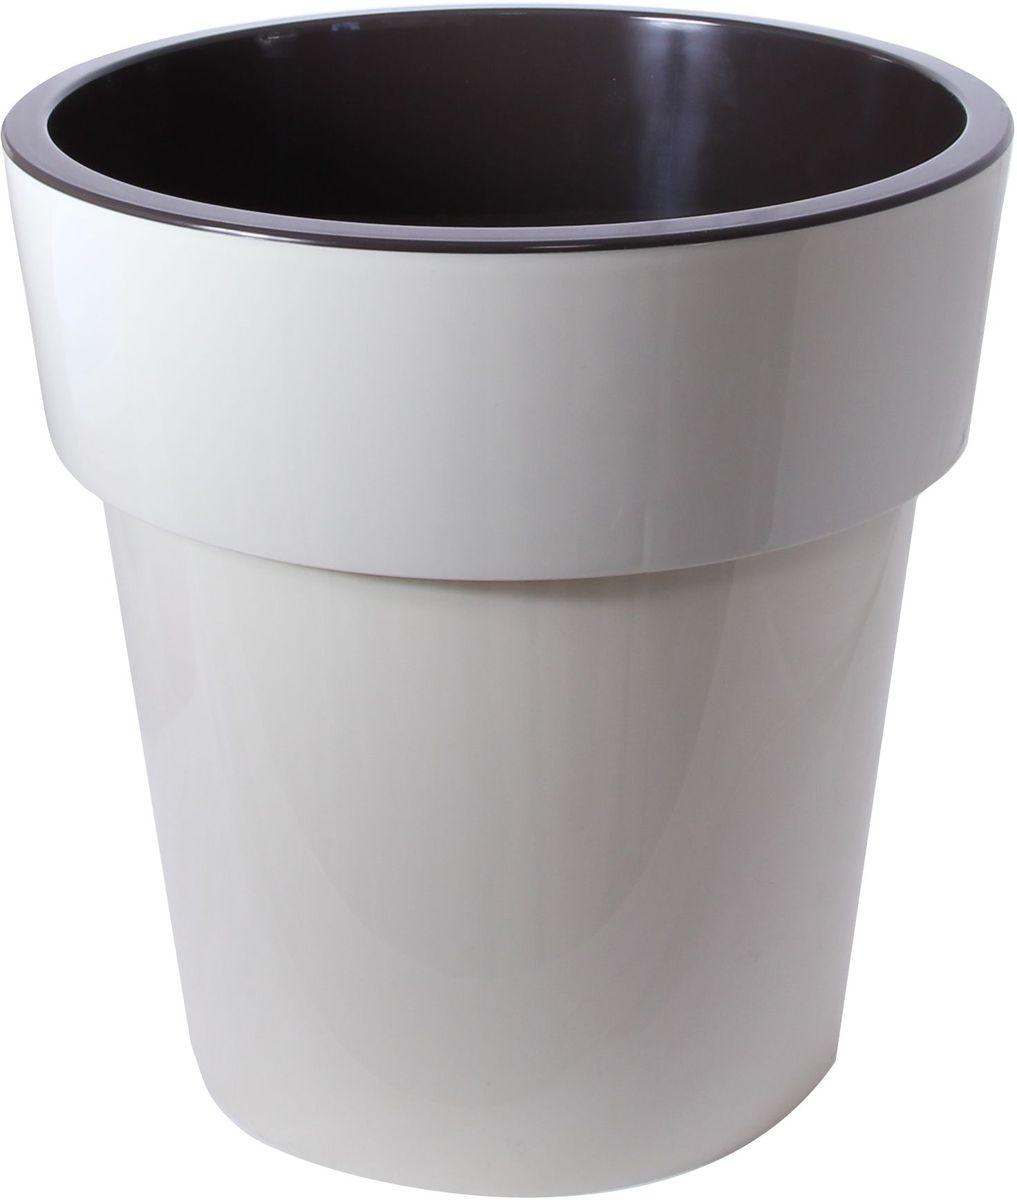 Кашпо Idea Тубус, цвет: белый, диаметр 15 смМ 3164